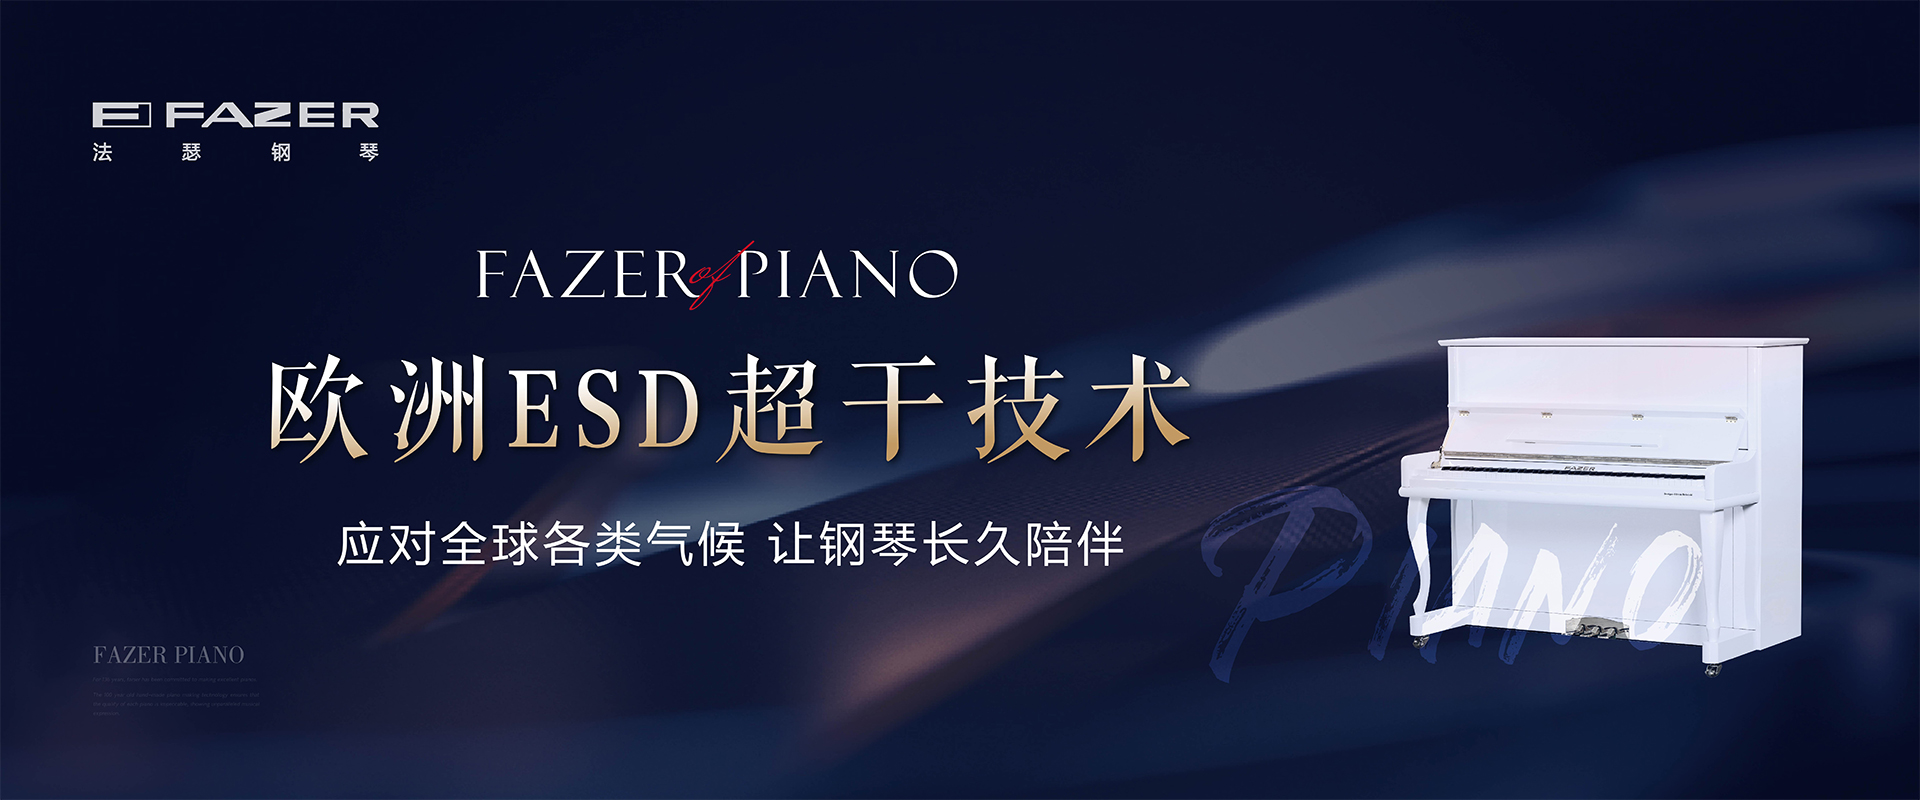 钢琴十大品牌